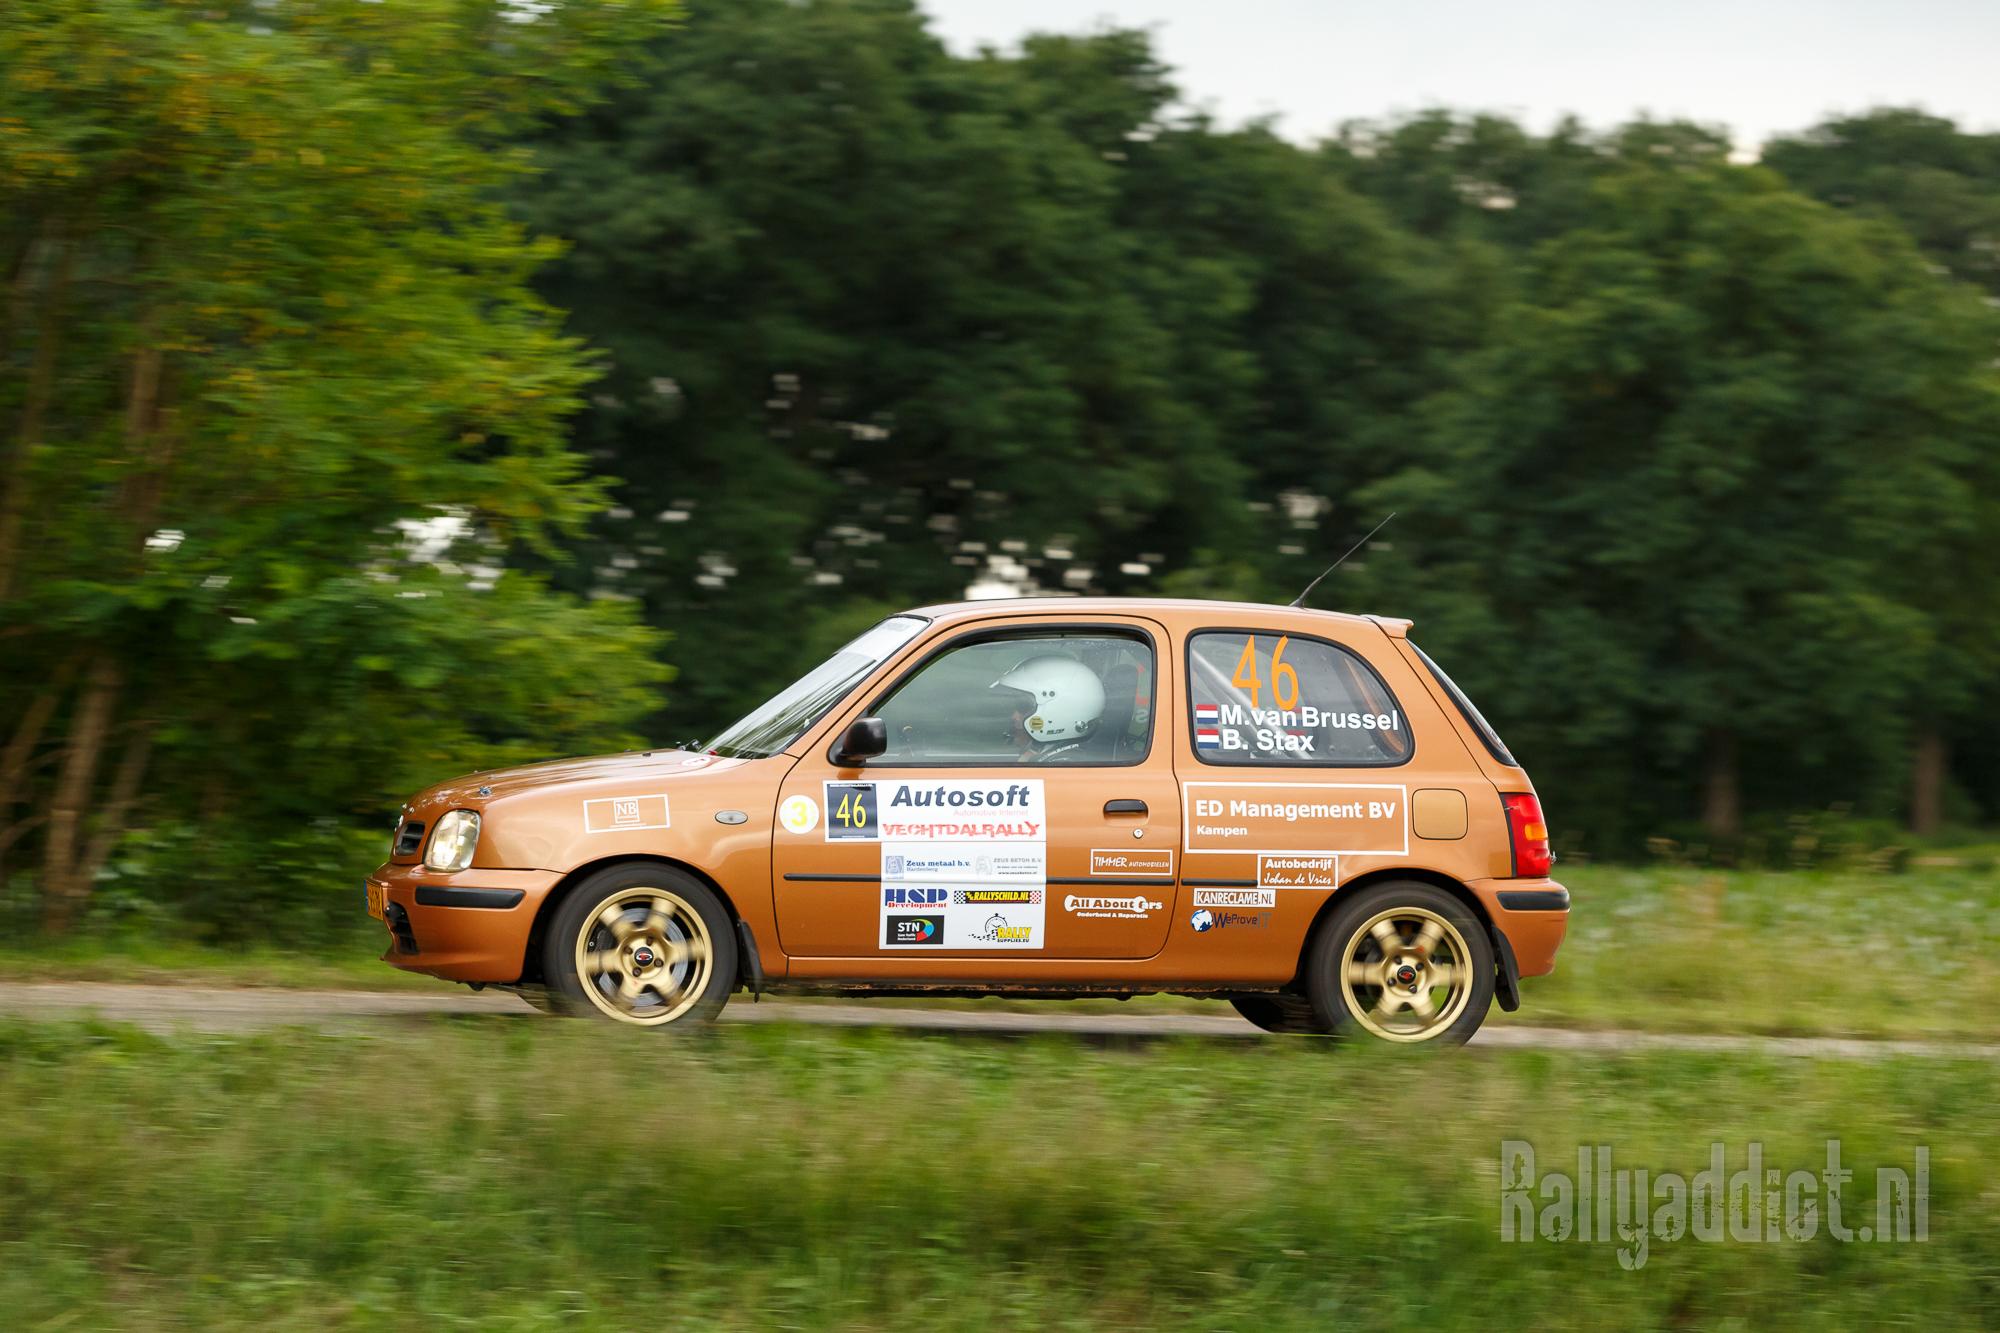 Ivo_Rijniersce-rallyaddict-vechtdal-IR5D2037